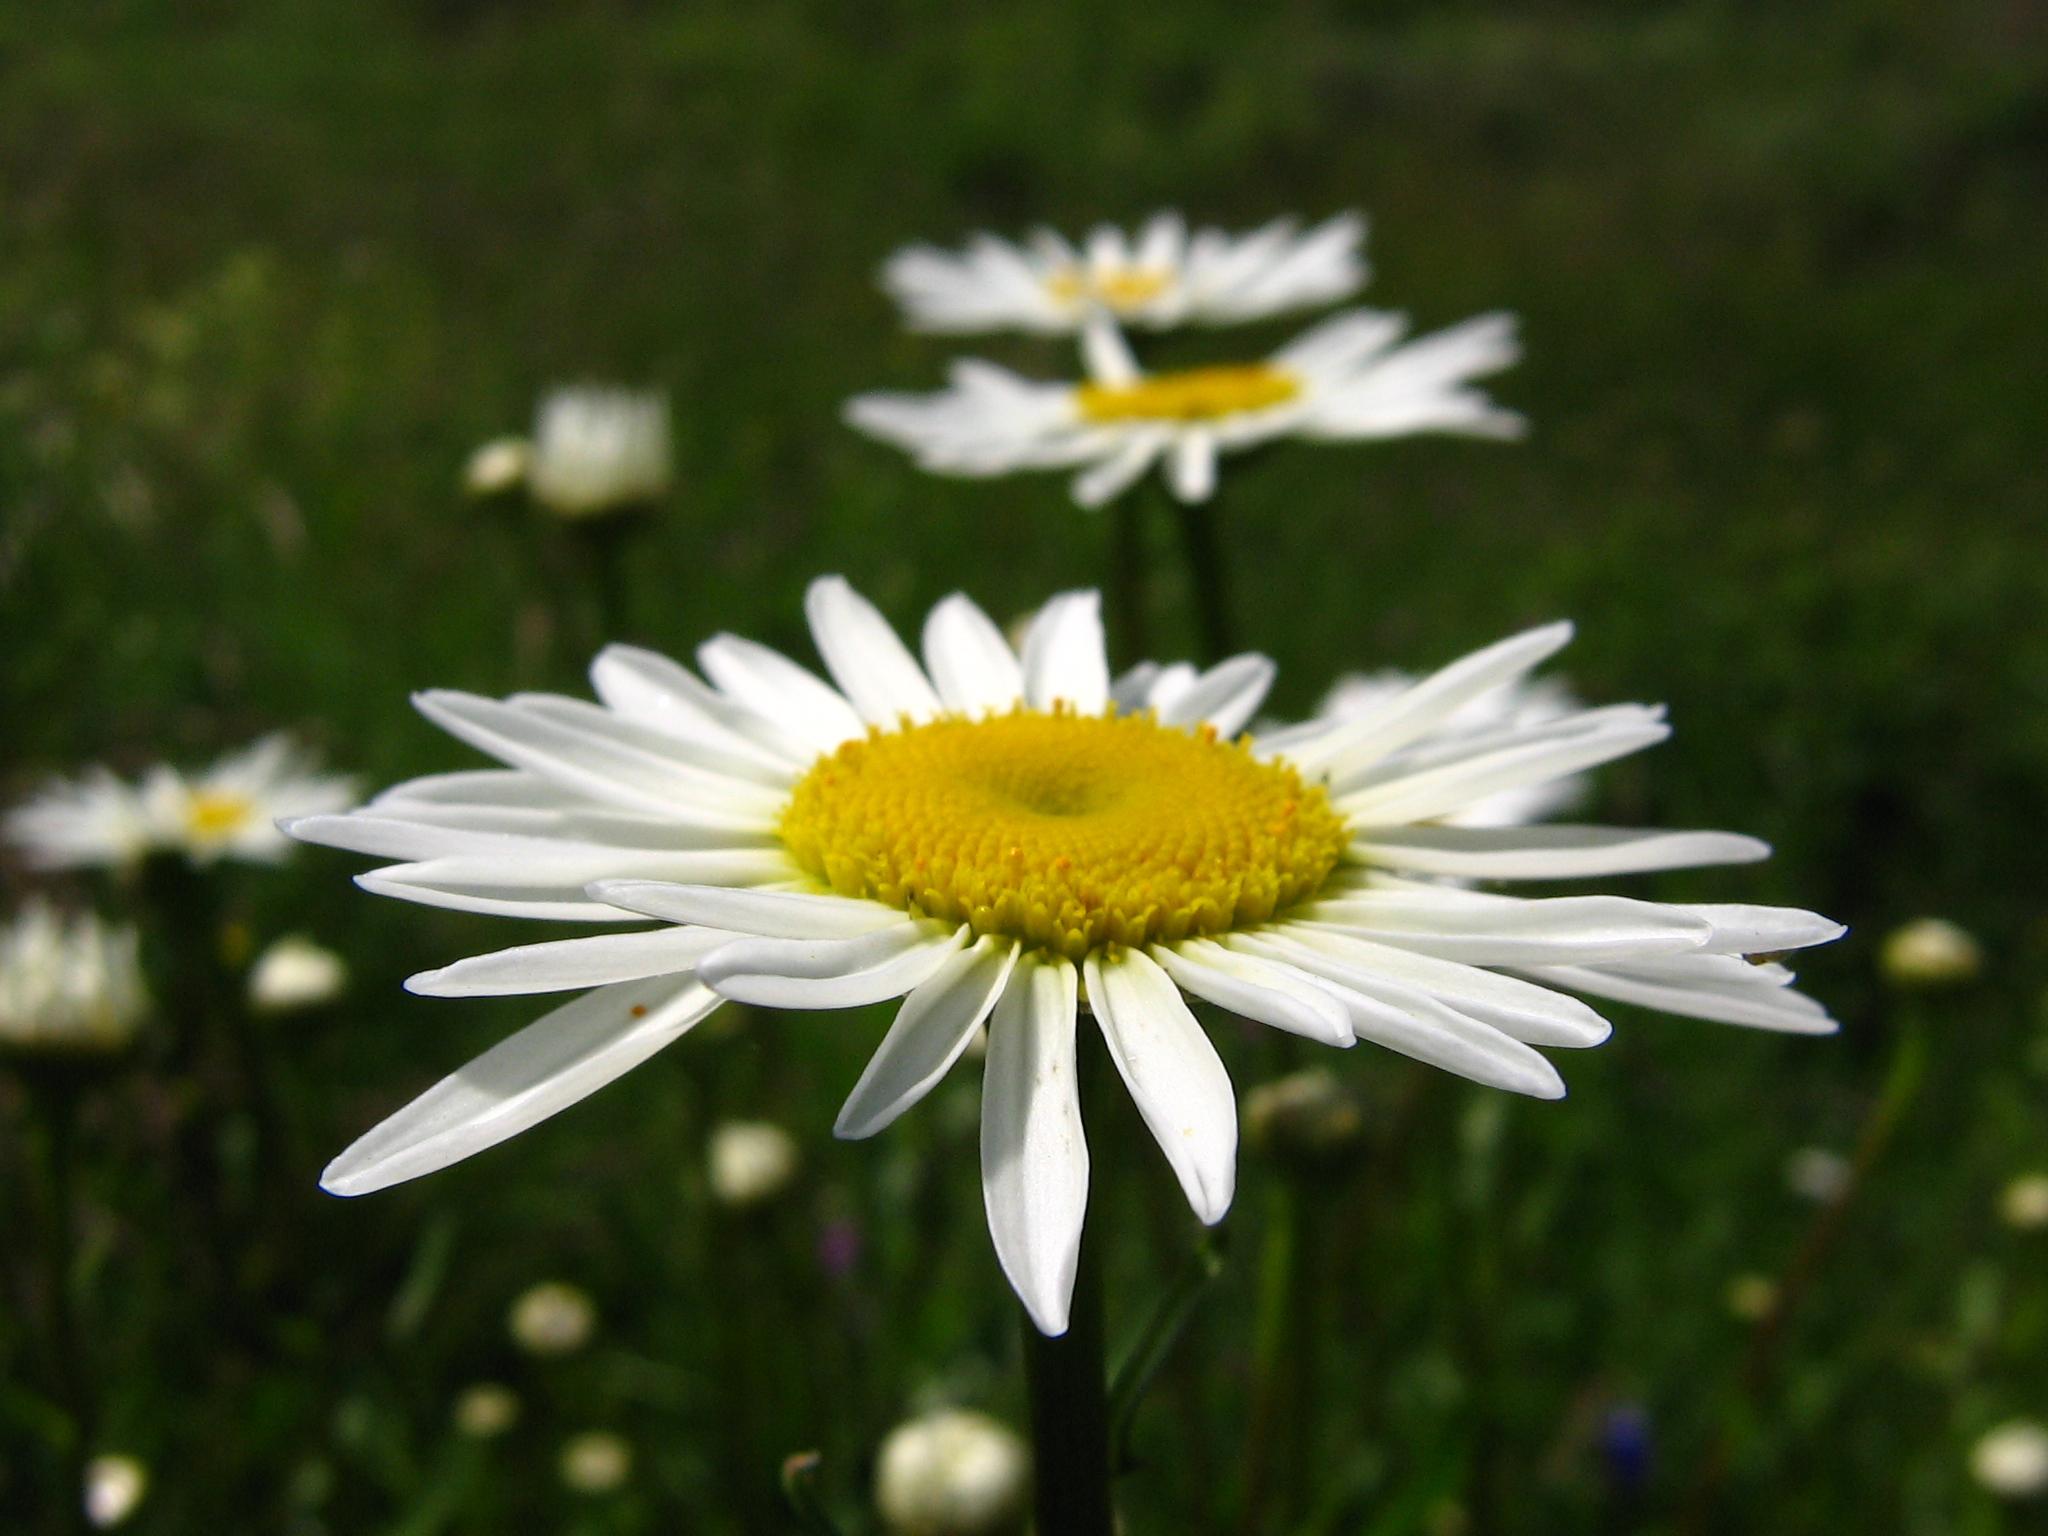 белые цветы ромашки, скачать фото, обои на рабочий стол